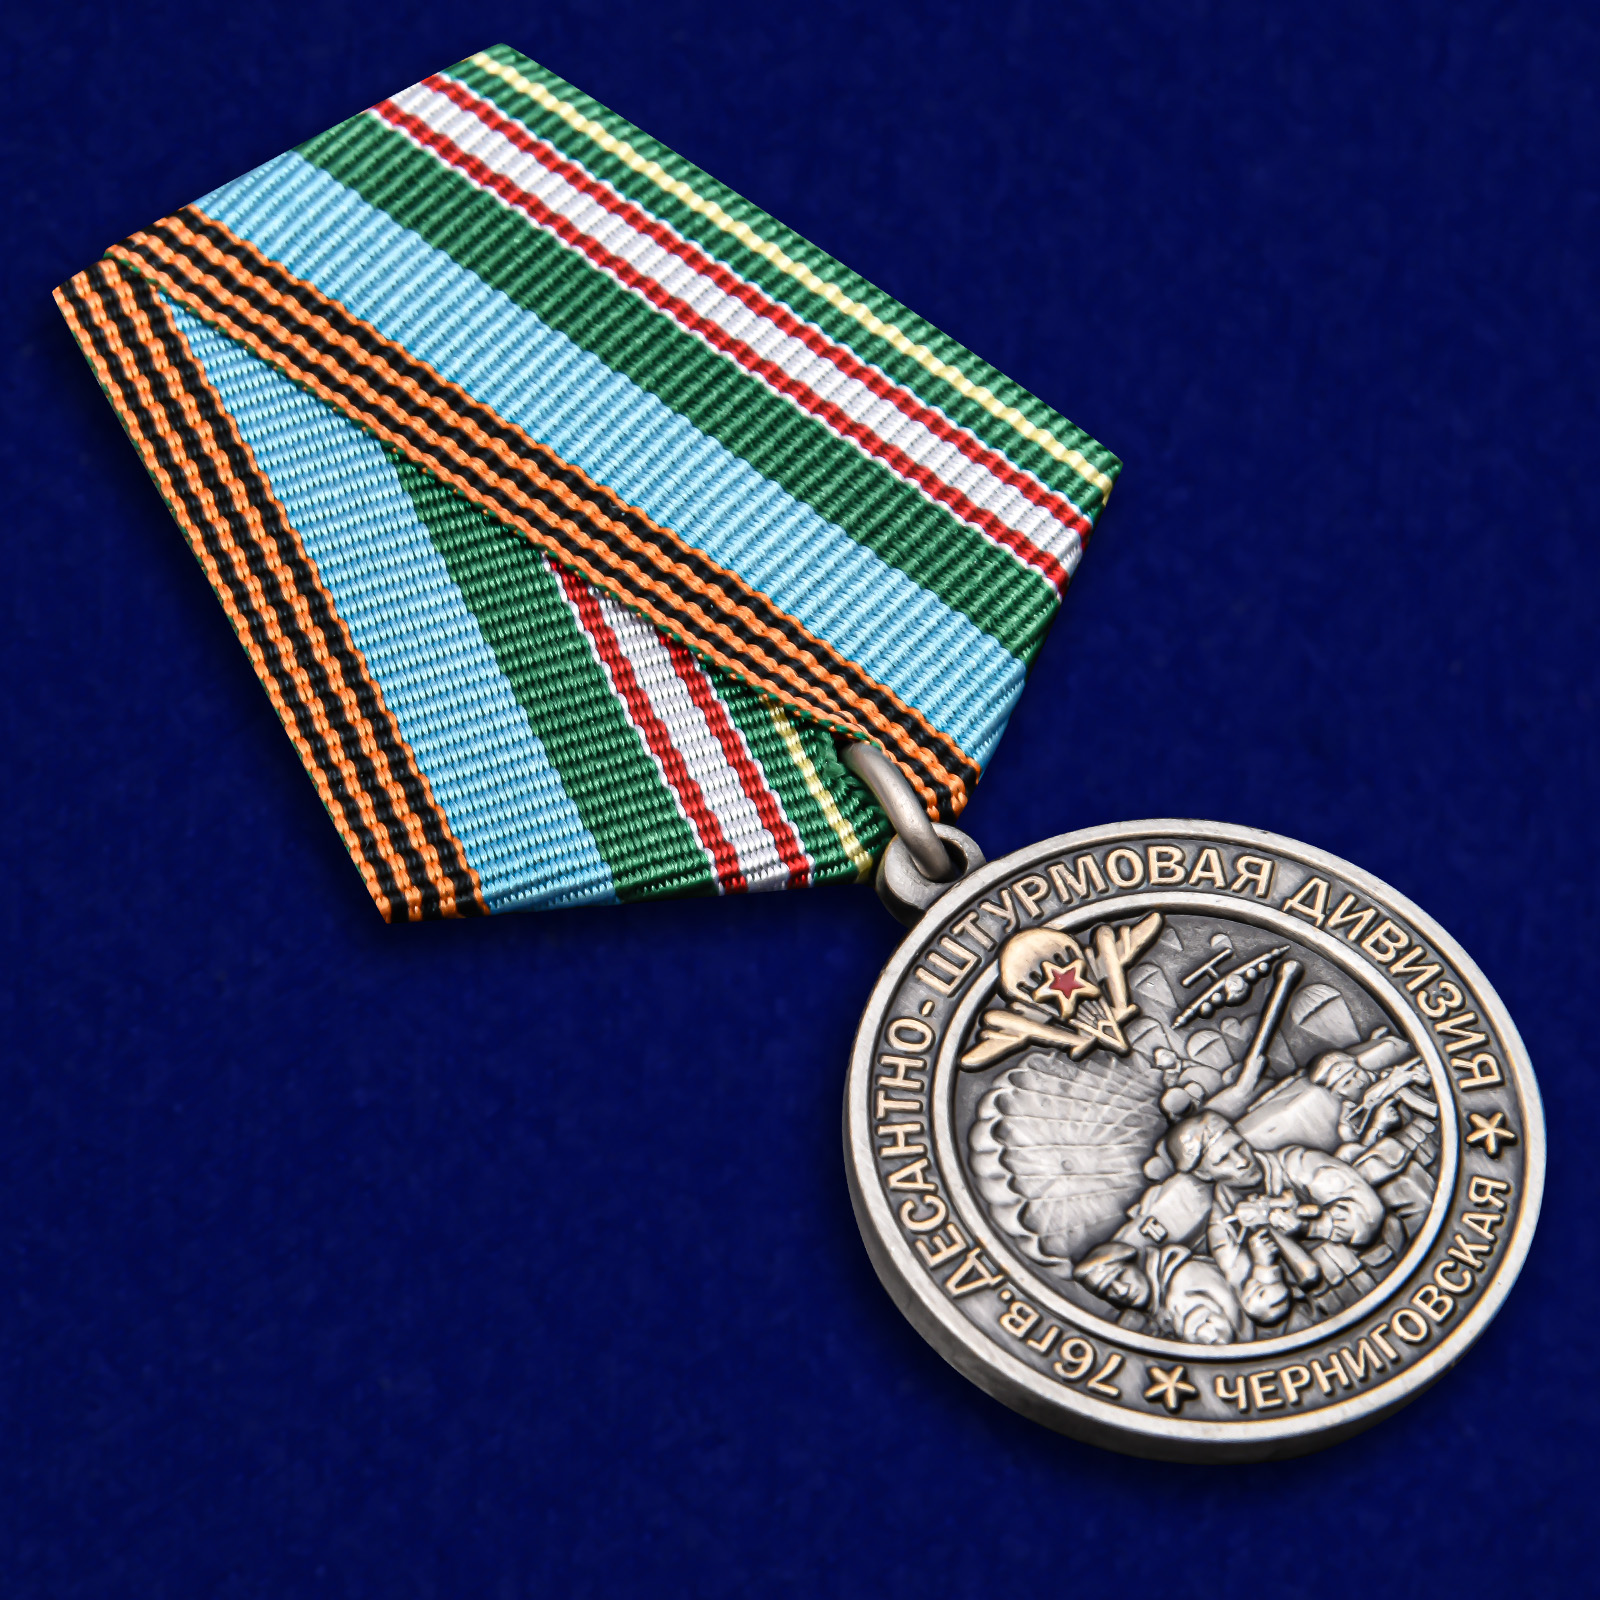 Латунная медаль 76-я гв. Десантно-штурмовая дивизия - общий вид